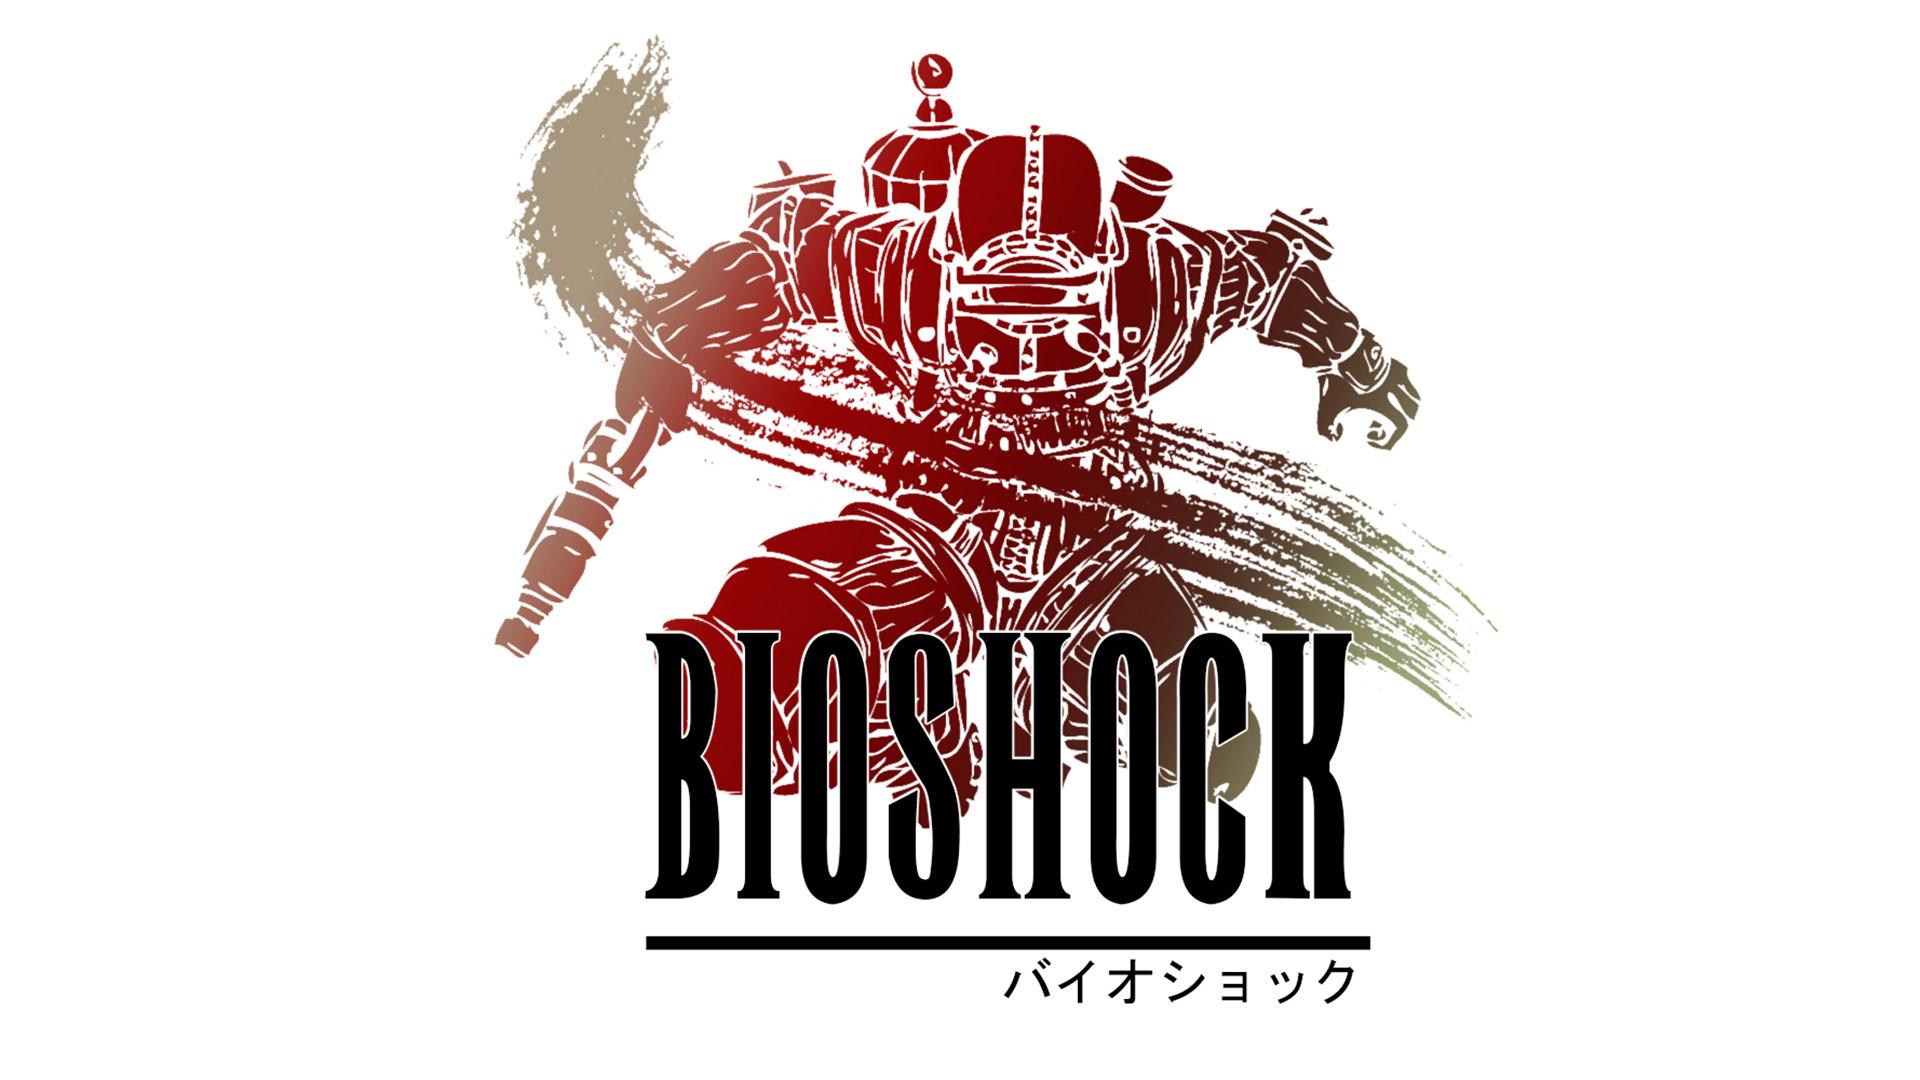 Free Bioshock Wallpaper in 1920x1080